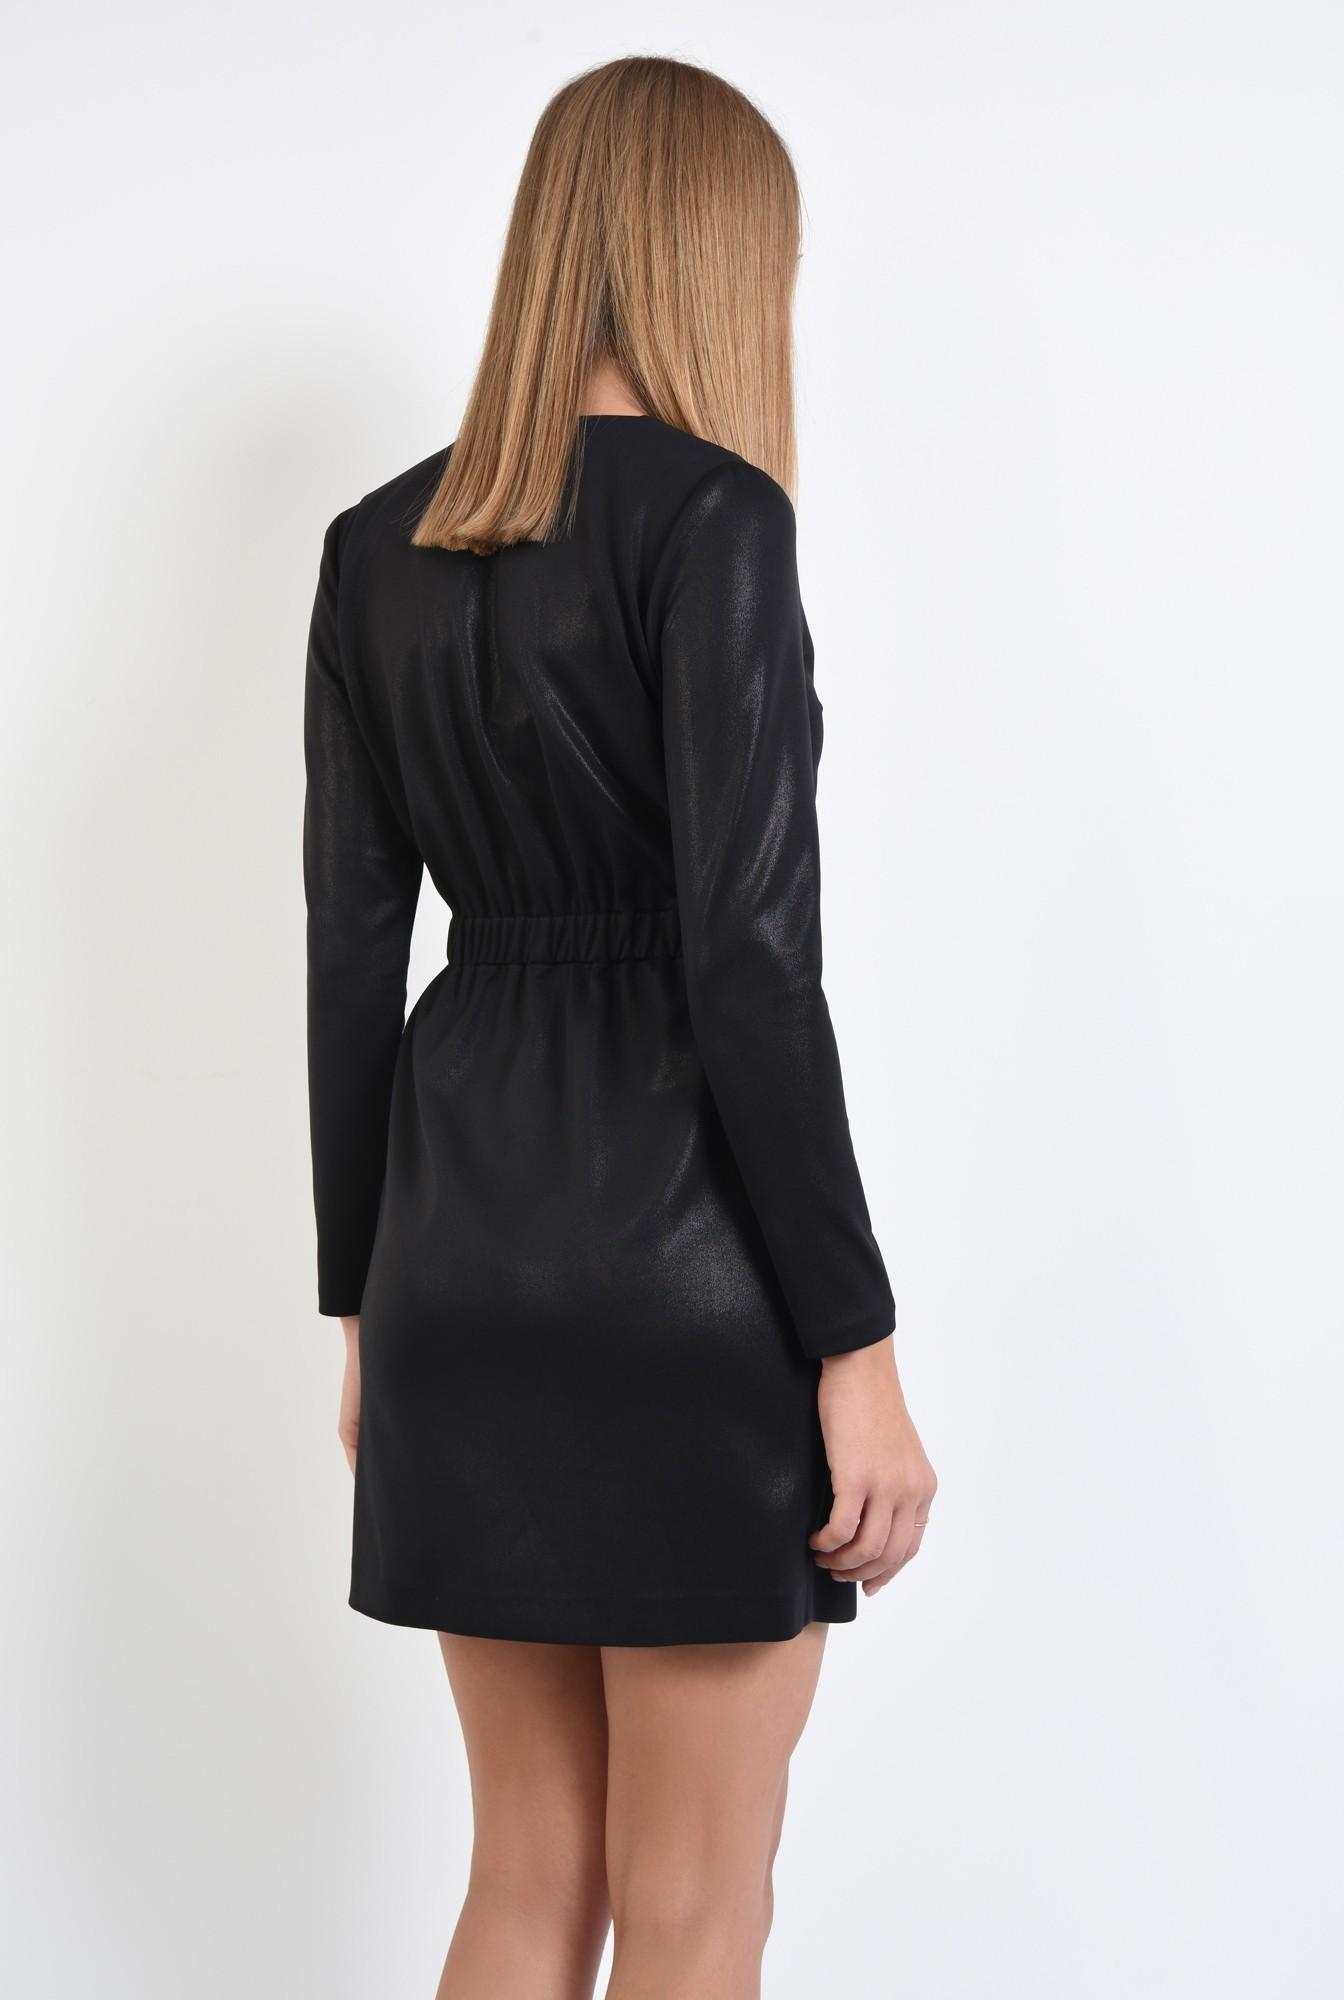 1 - rochie neagra, maneci lungi, scuba, anchior petrecut